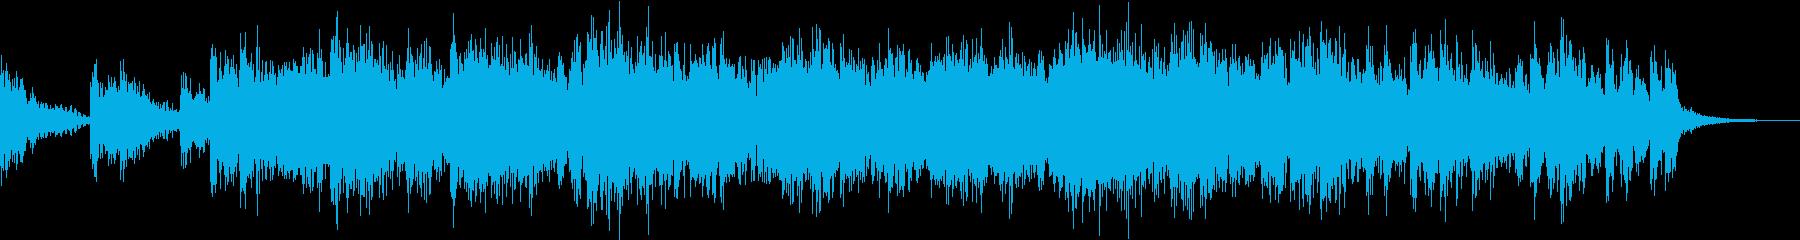 緊迫感あふれるリズムと音質の再生済みの波形